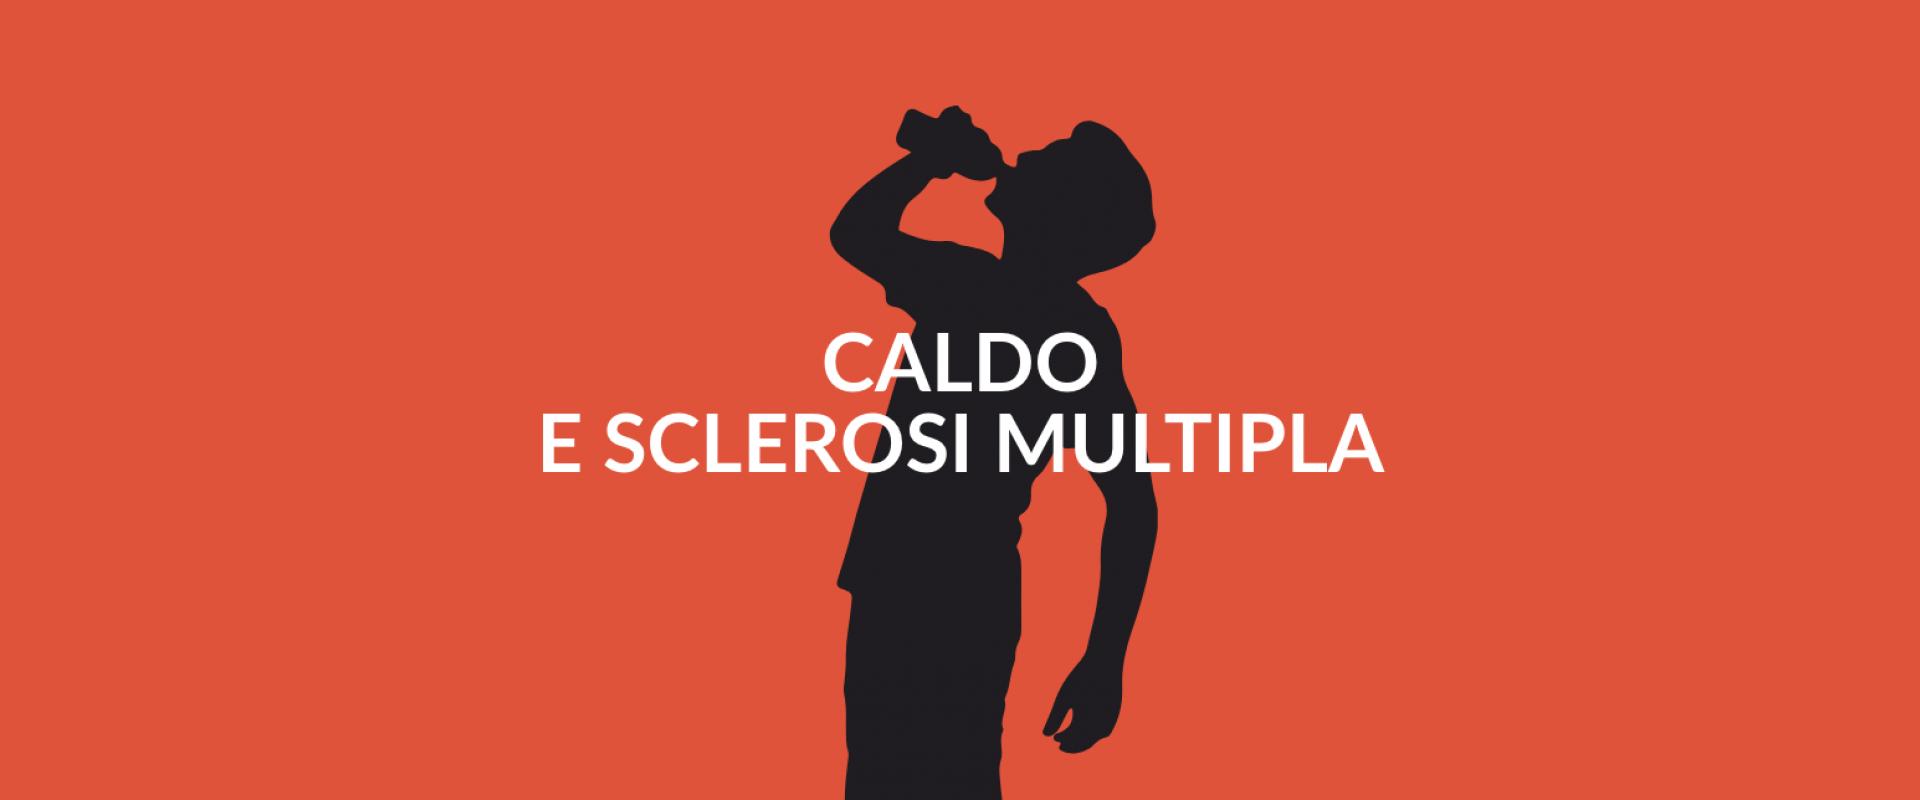 Sclerosi multipla e caldo: come gestire le consguenze